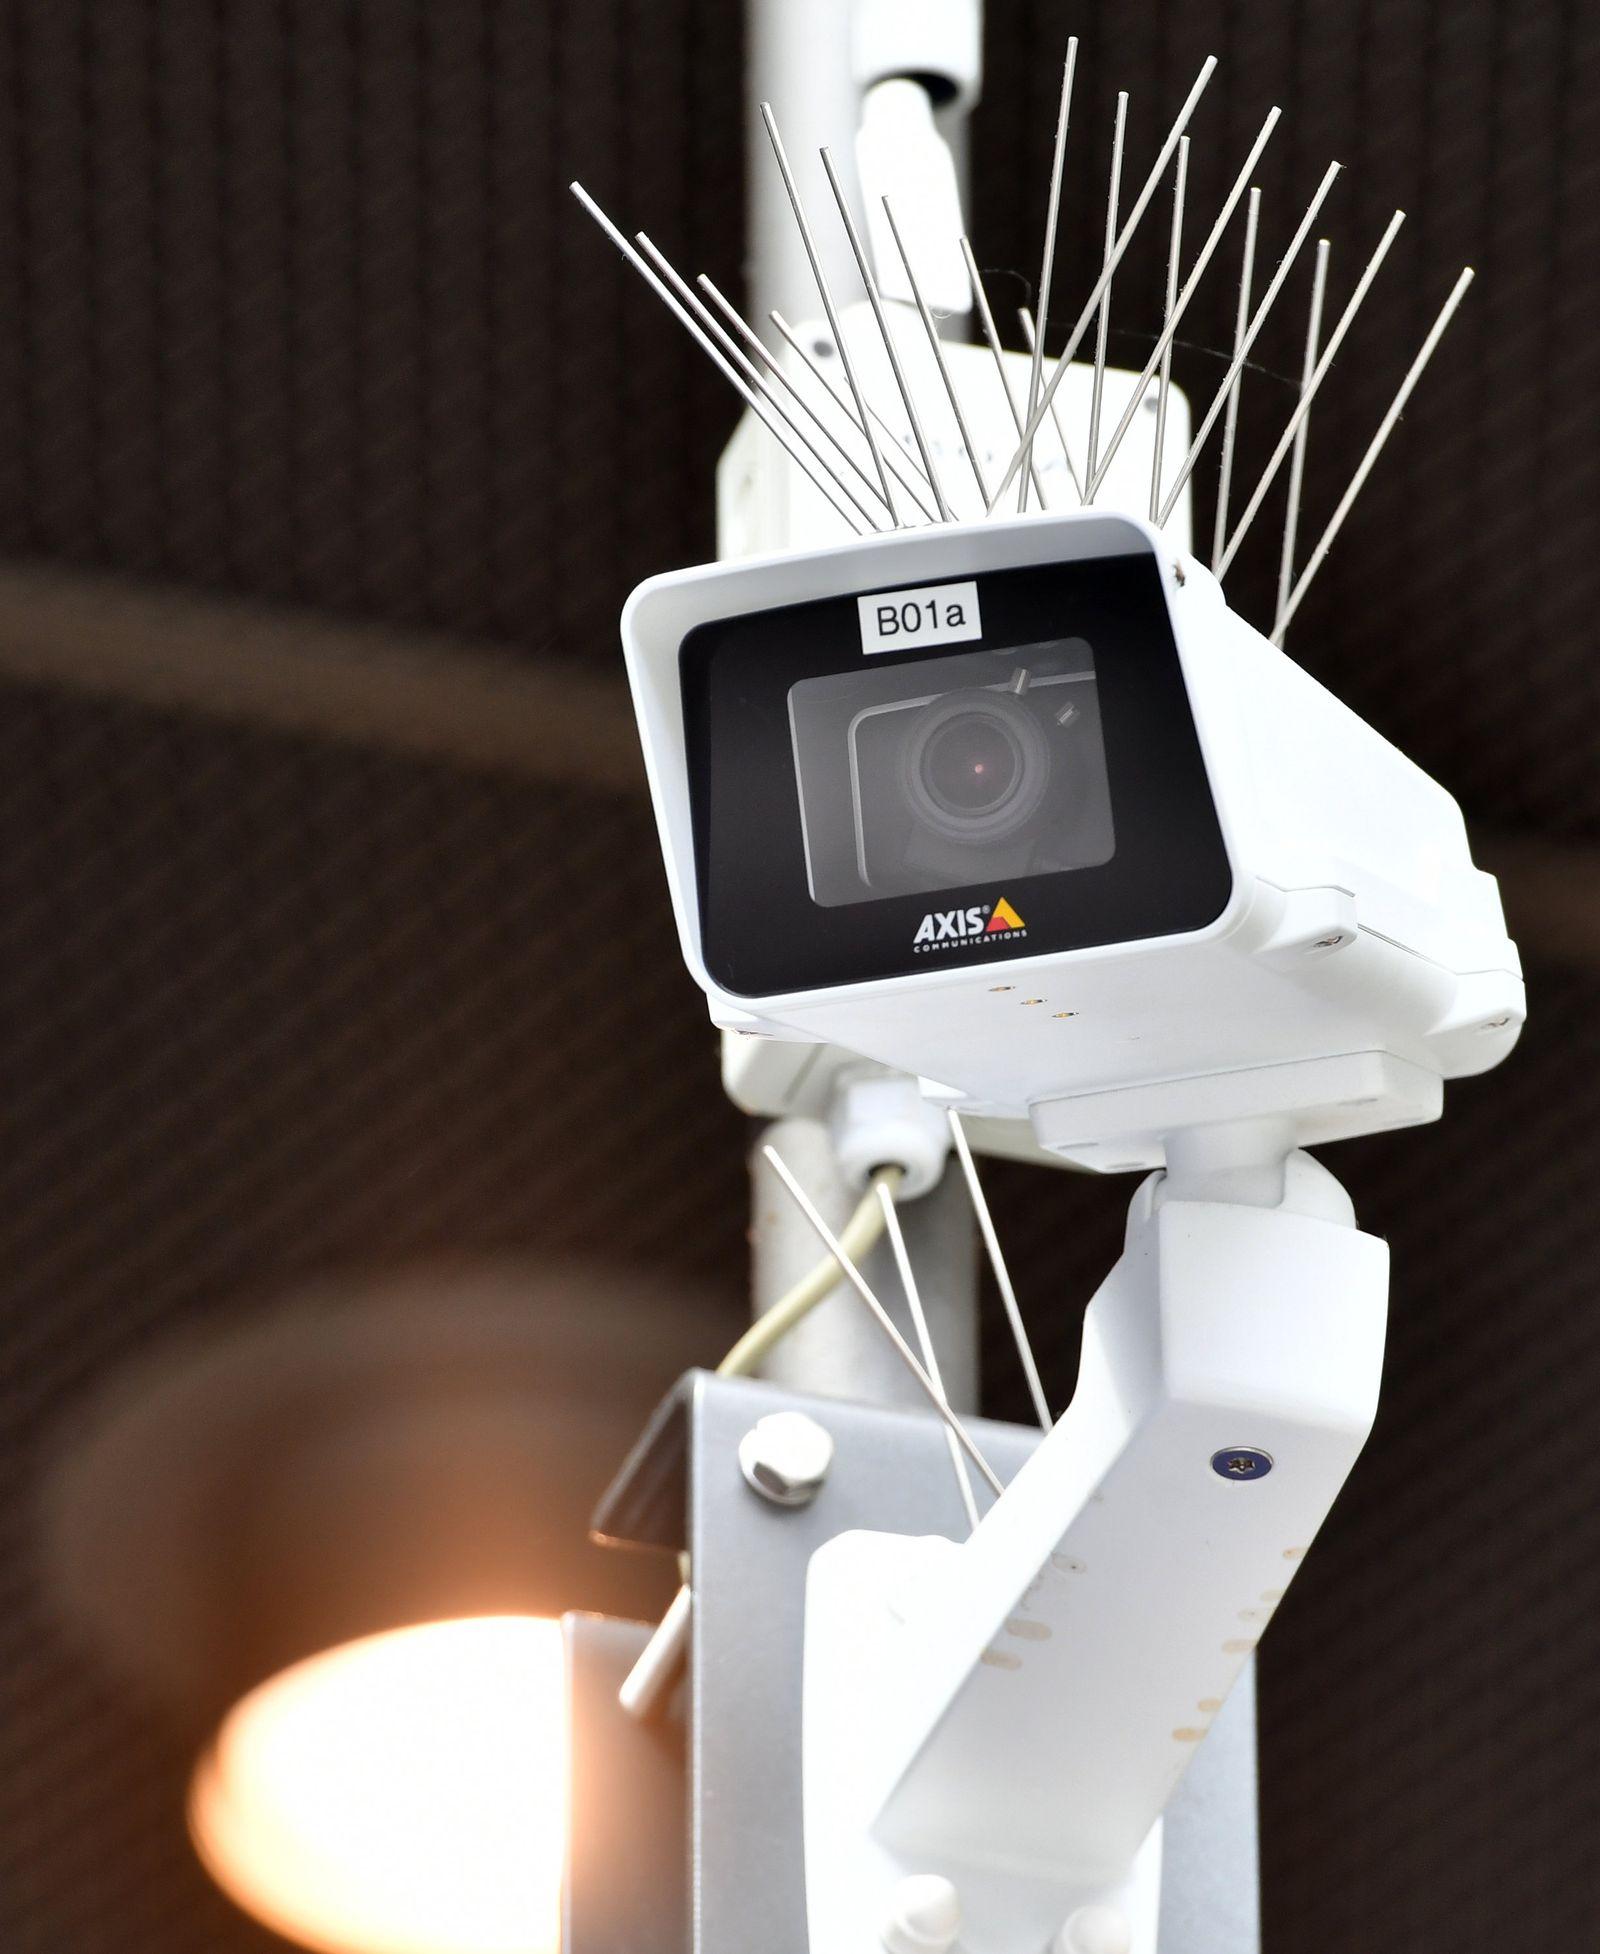 Testlauf zur Gesichtserkennung durch Überwachungskameras